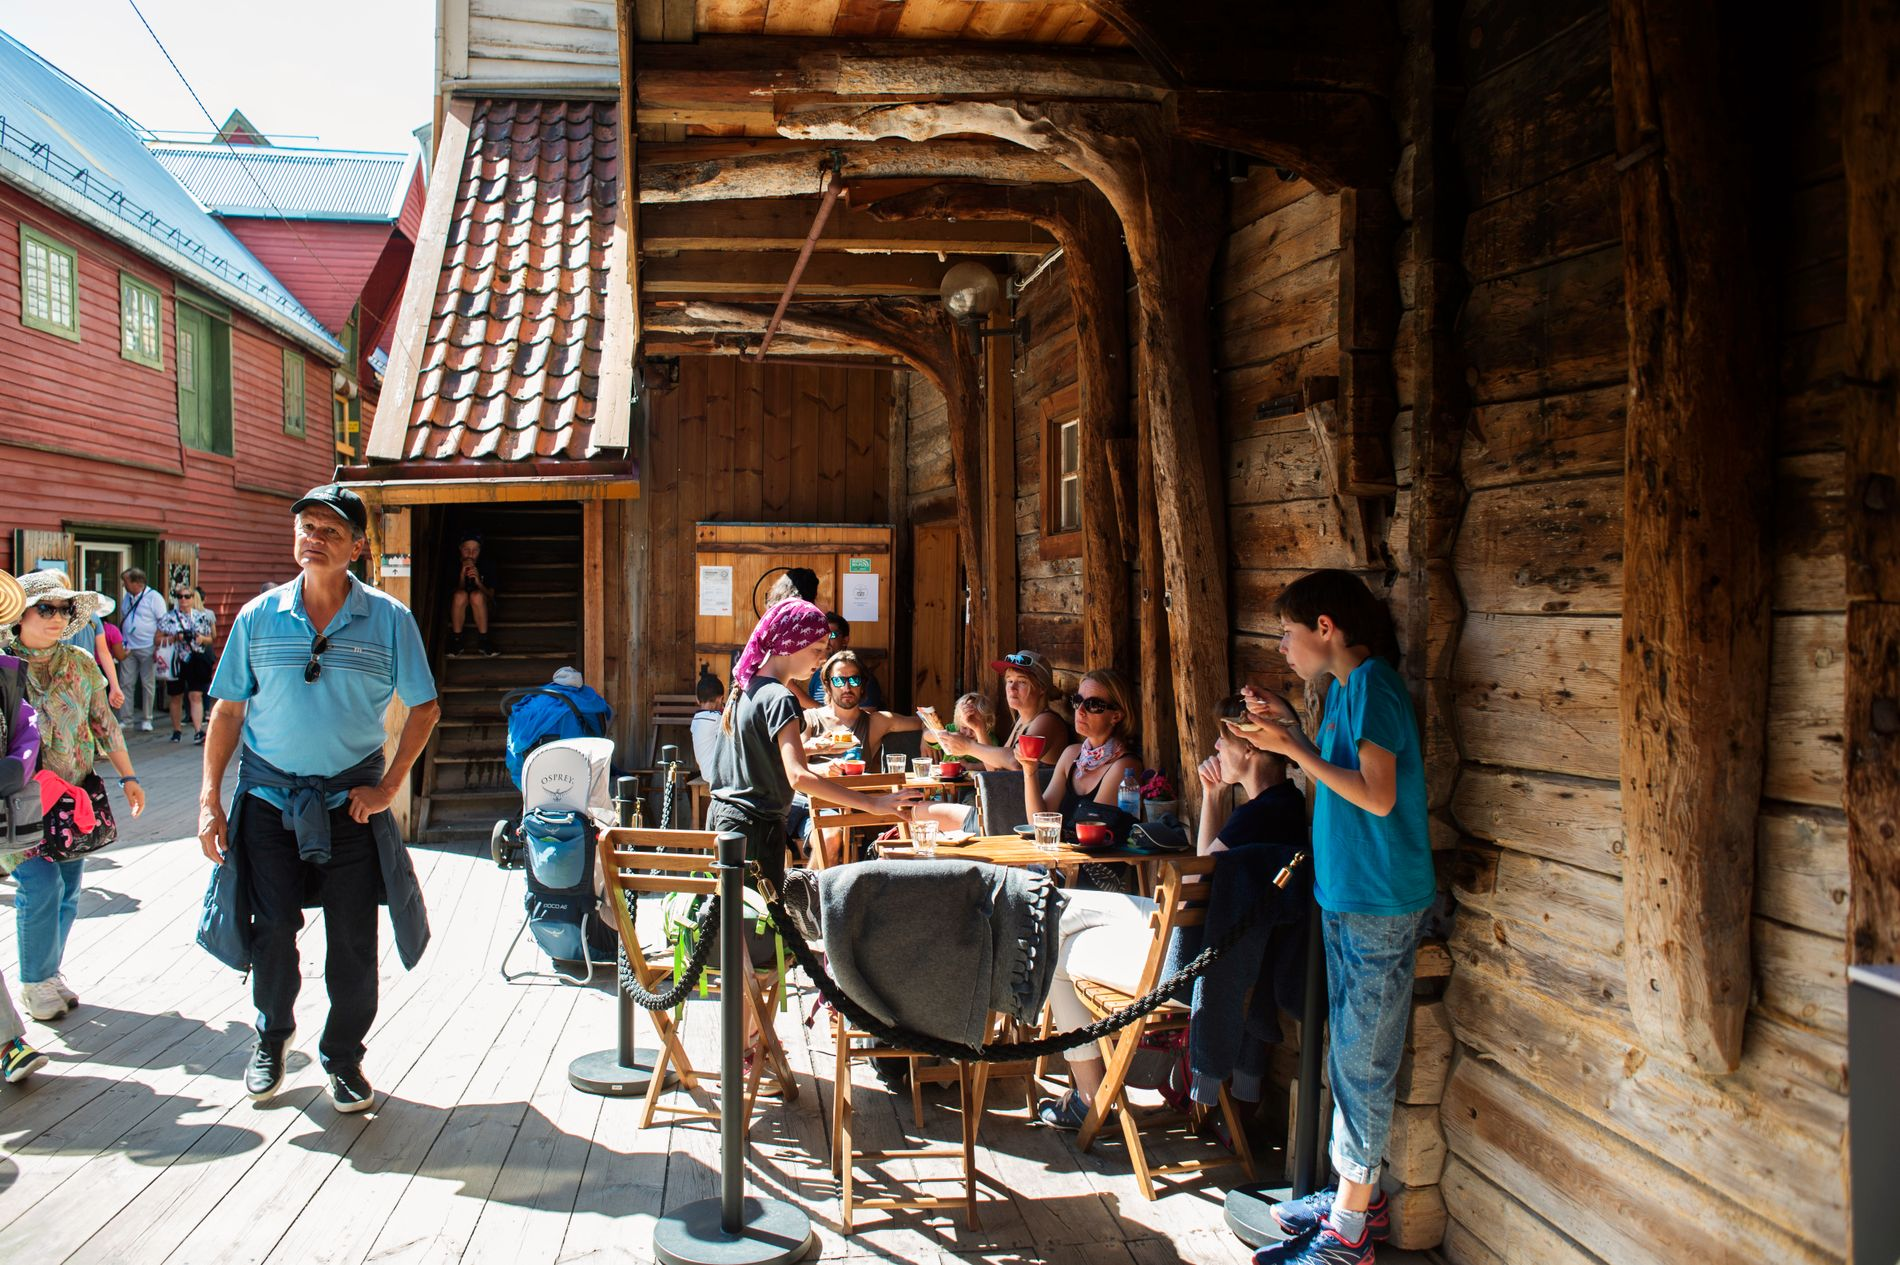 MIDT I SMØRØYET: Slitne turister benytter ofte anledningen til å hvile seg og ta en kaffe hos Kaf Kafe, som ligger fint til i Bryggens smau.